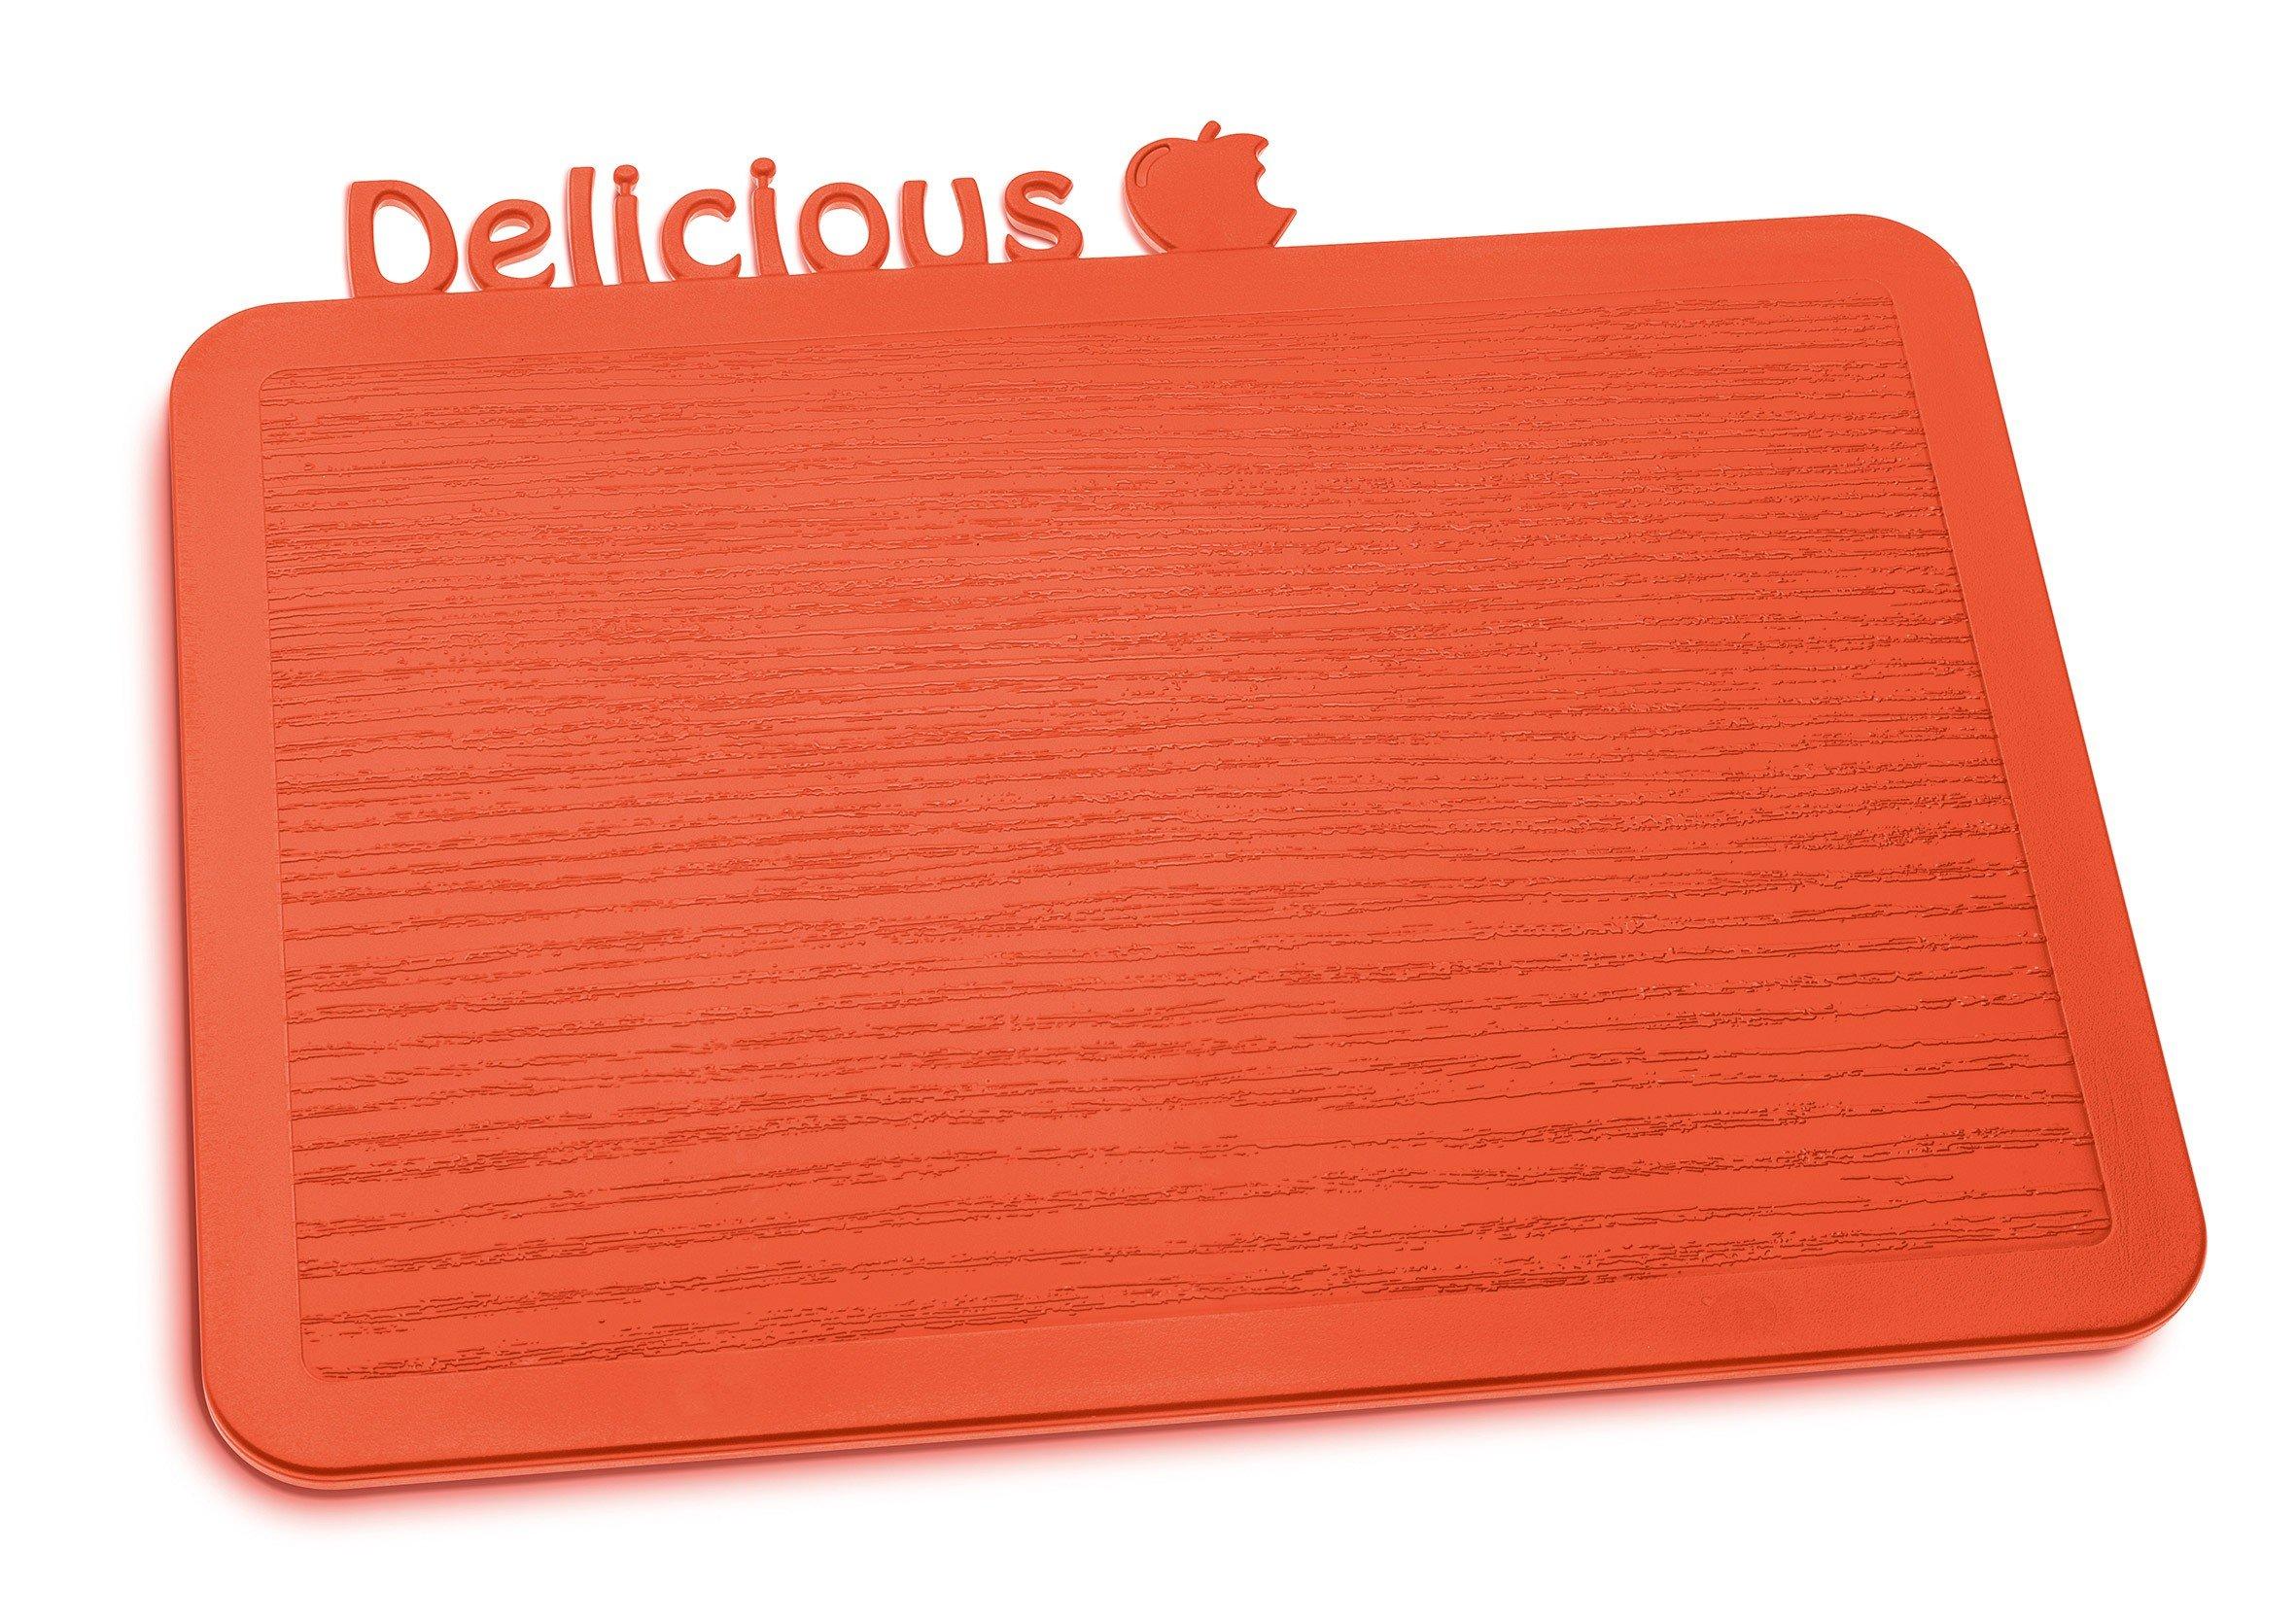 Deska śniadaniowa Happy Boards Delicious pomarańczowoczerwona